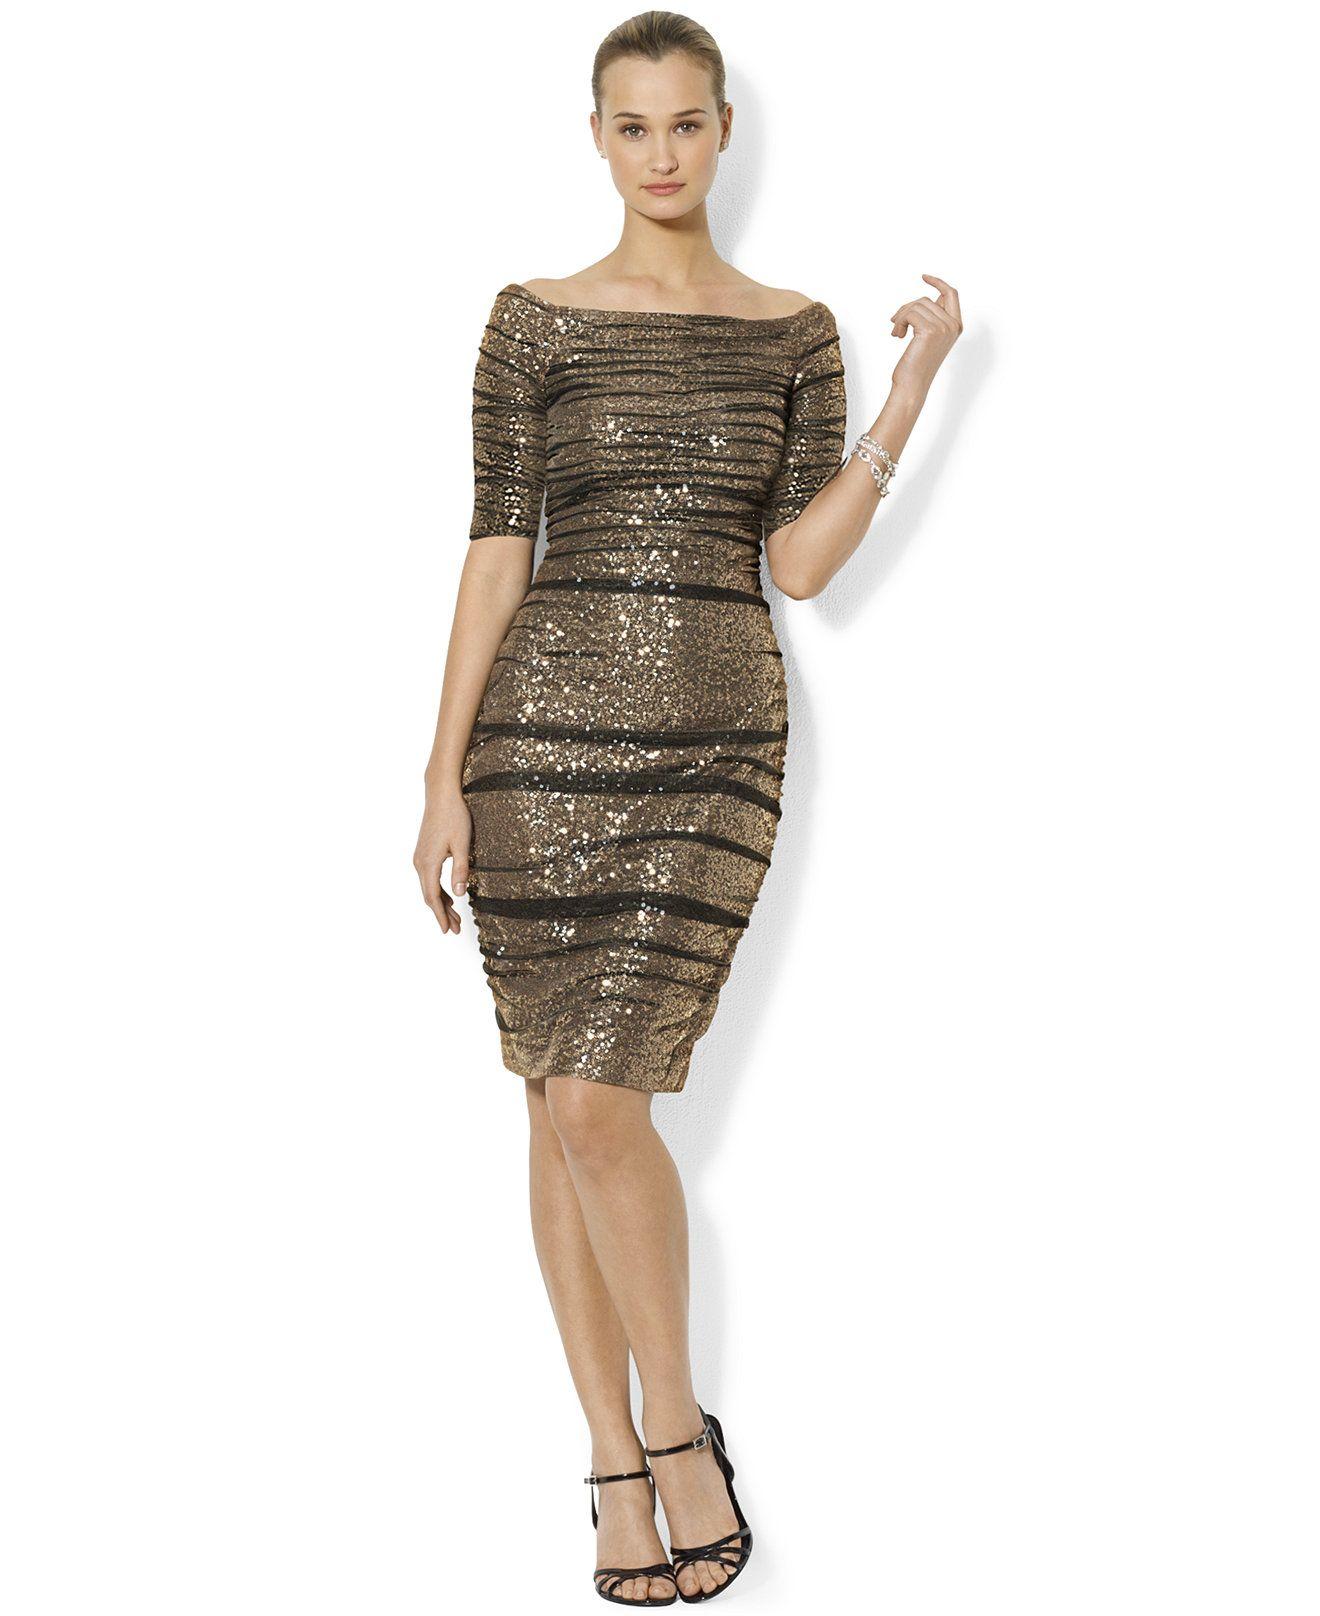 fc5d19d35 Lauren Ralph Lauren Sequined Boat-Neck Dress - Dresses - Women - Macy s